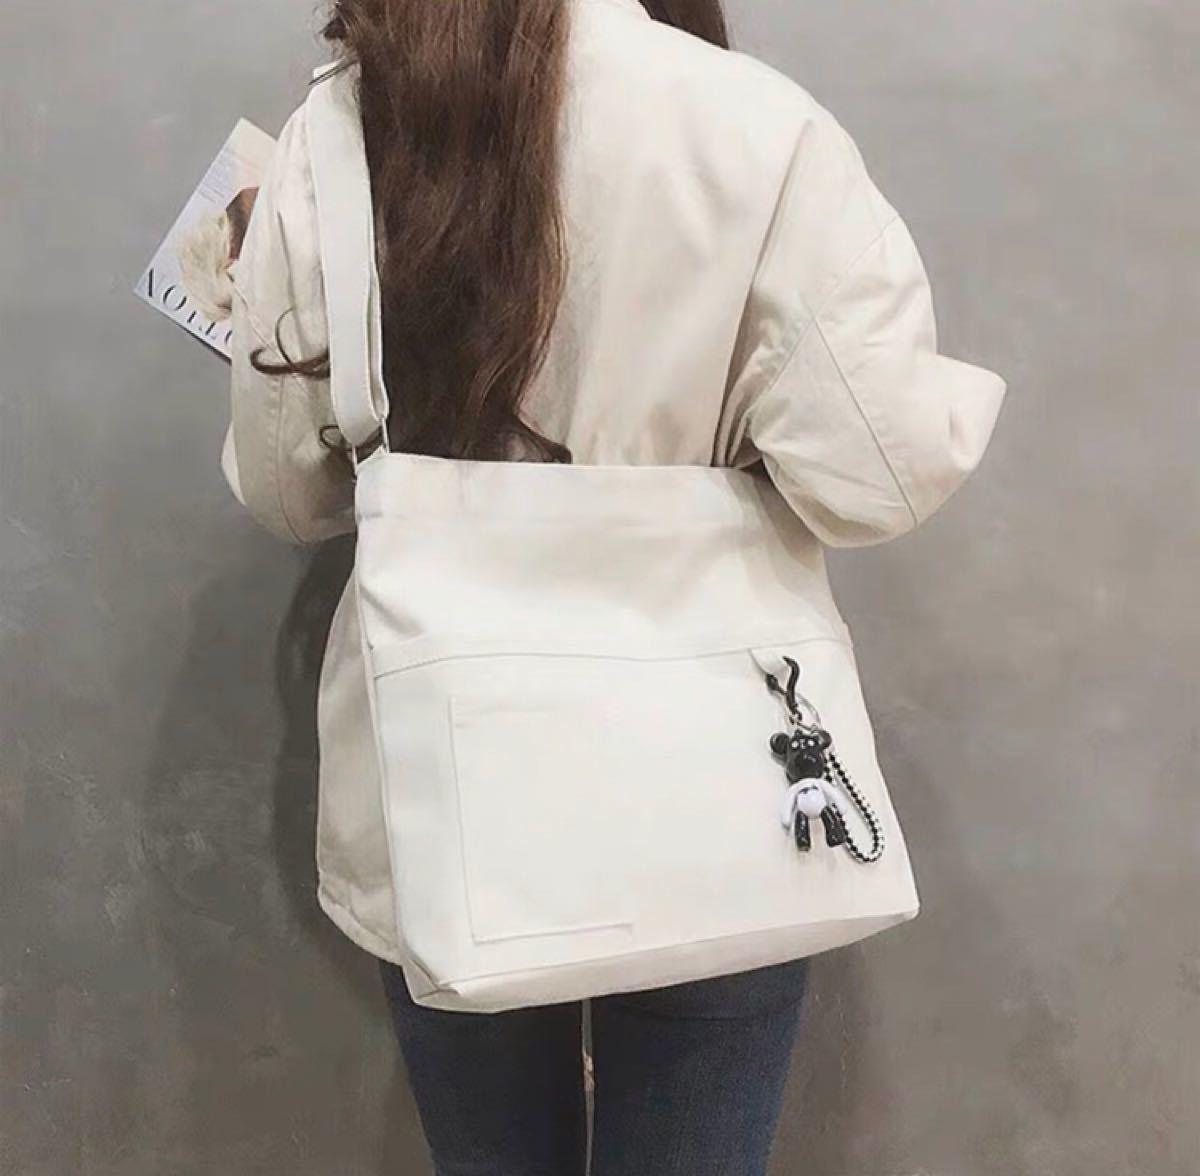 新品未使用 トートバッグ ショルダーバッグ マザーズバッグ エコバッグ 帆布 大容量 男女兼用 ホワイト 韓国 ファッション